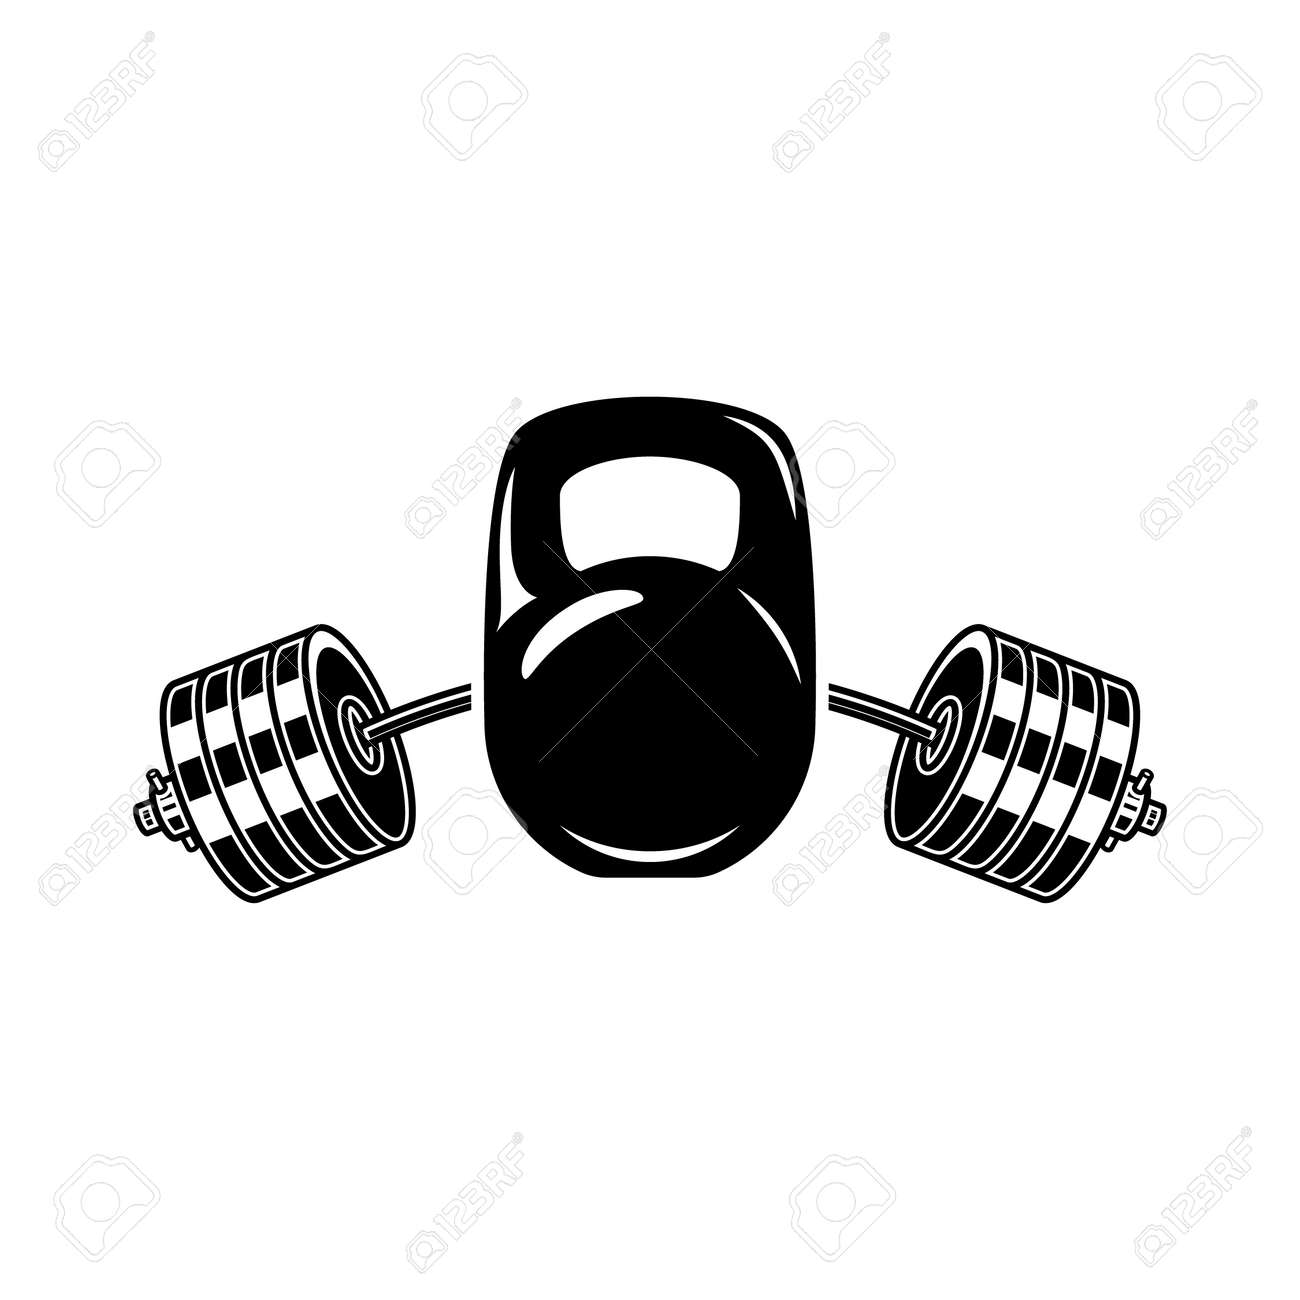 Illustration of kettle bell and barbell. Design element for label, sign, emblem, poster. Vector illustration - 170554480